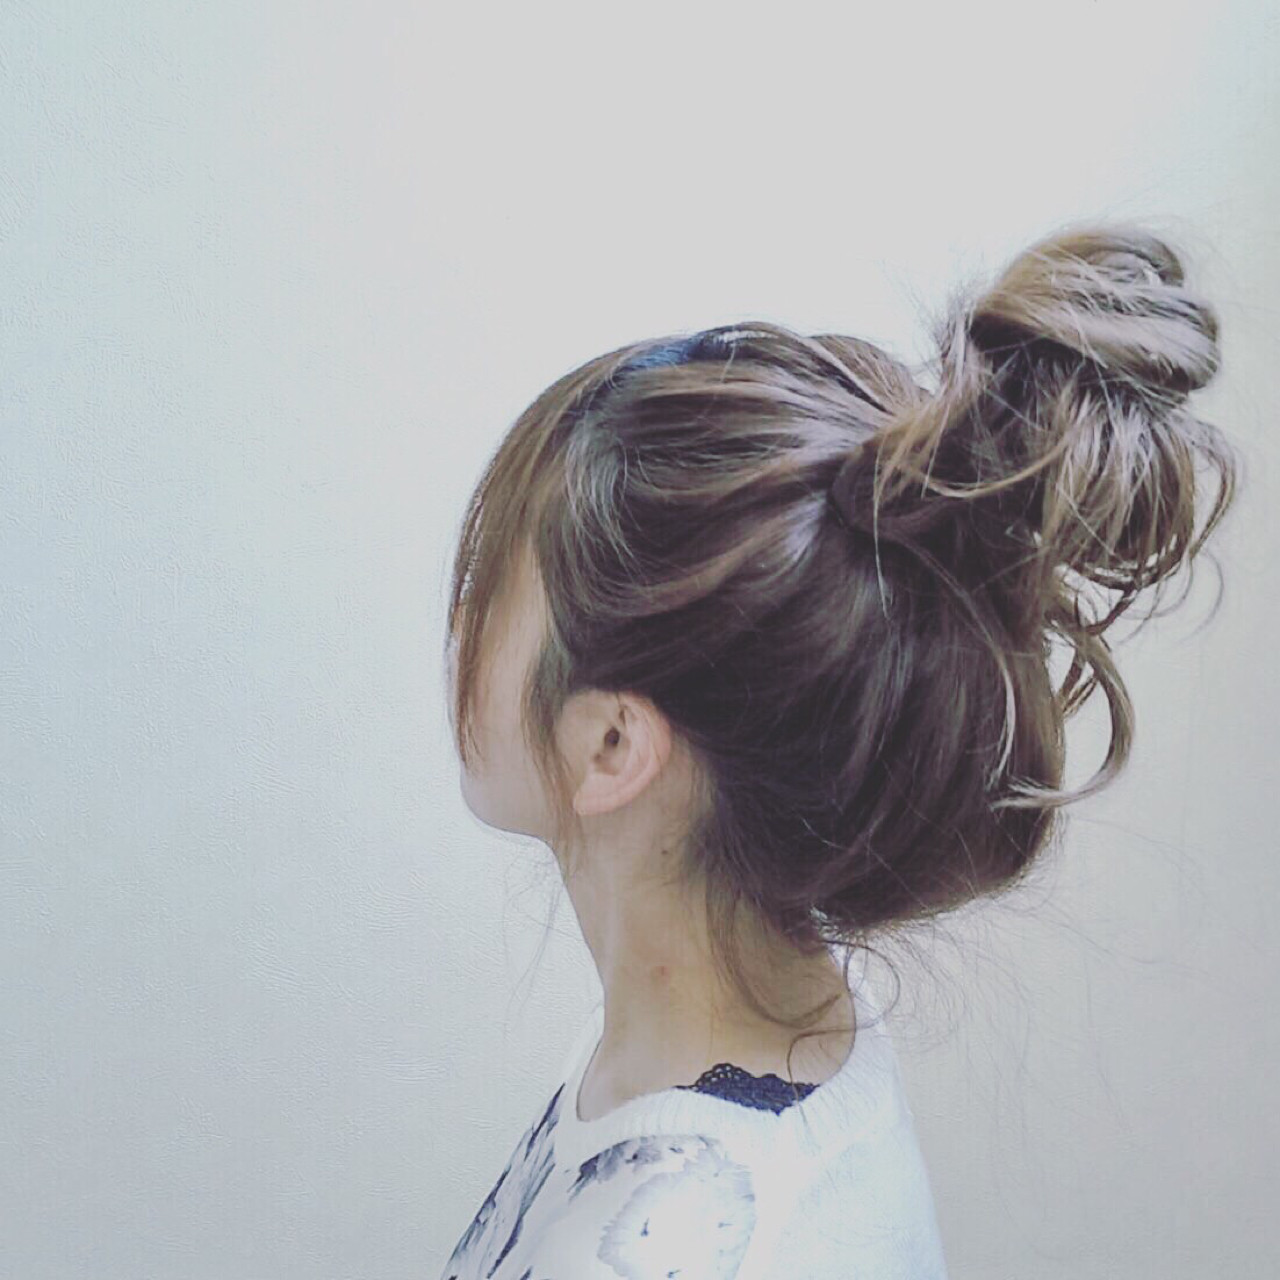 女の子度アップの大人可愛いお団子ヘア 宮川 美香